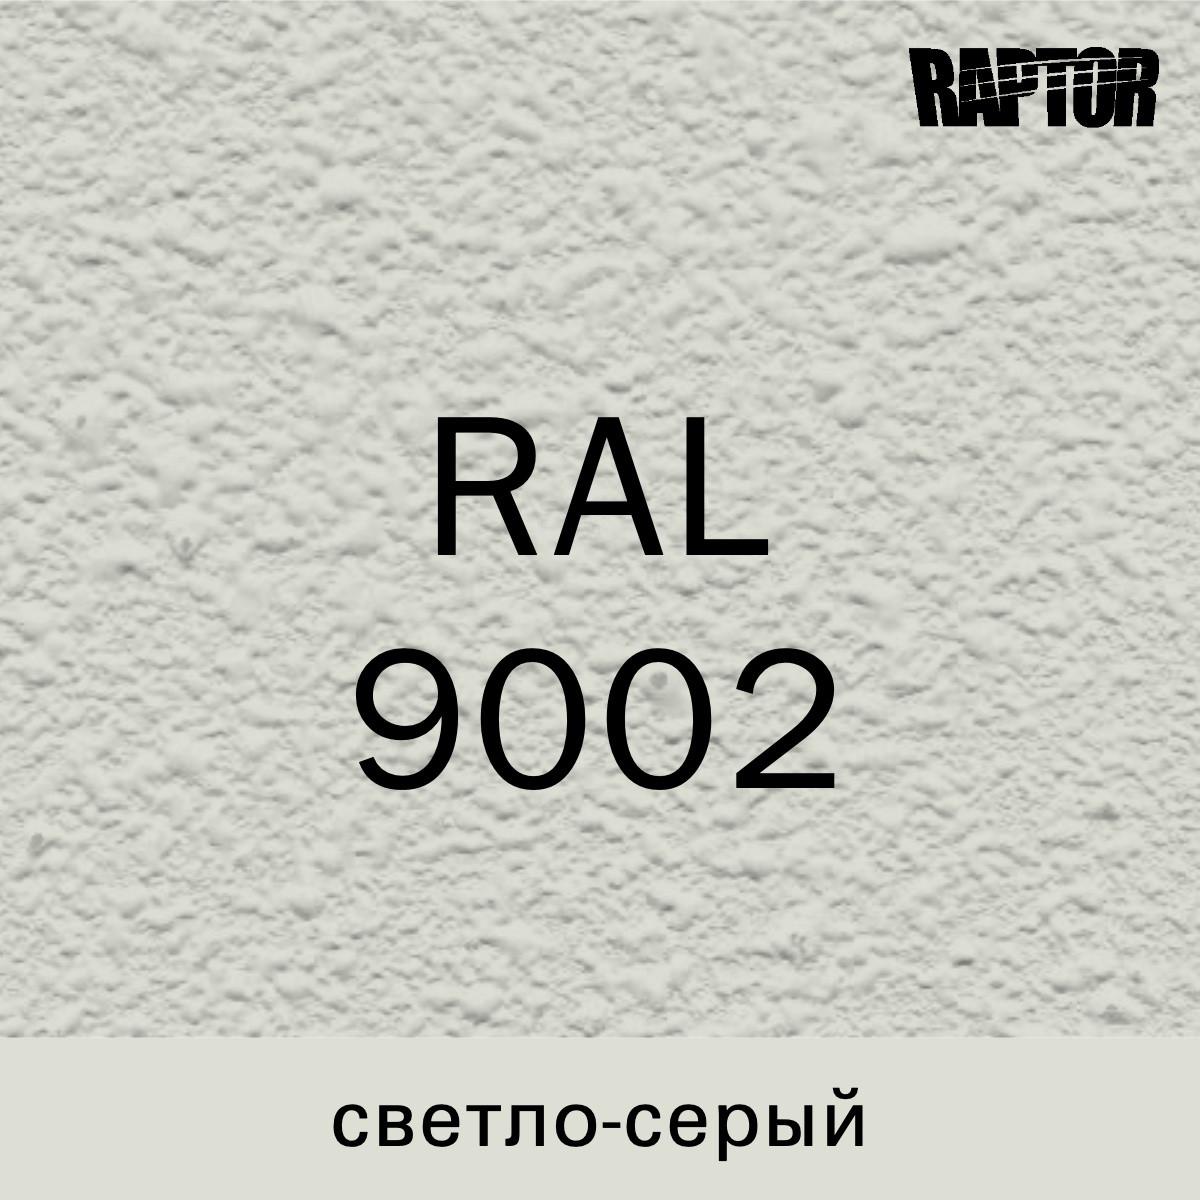 Пигмент для колеровки покрытия RAPTOR™ Светло-серый (RAL 9002)